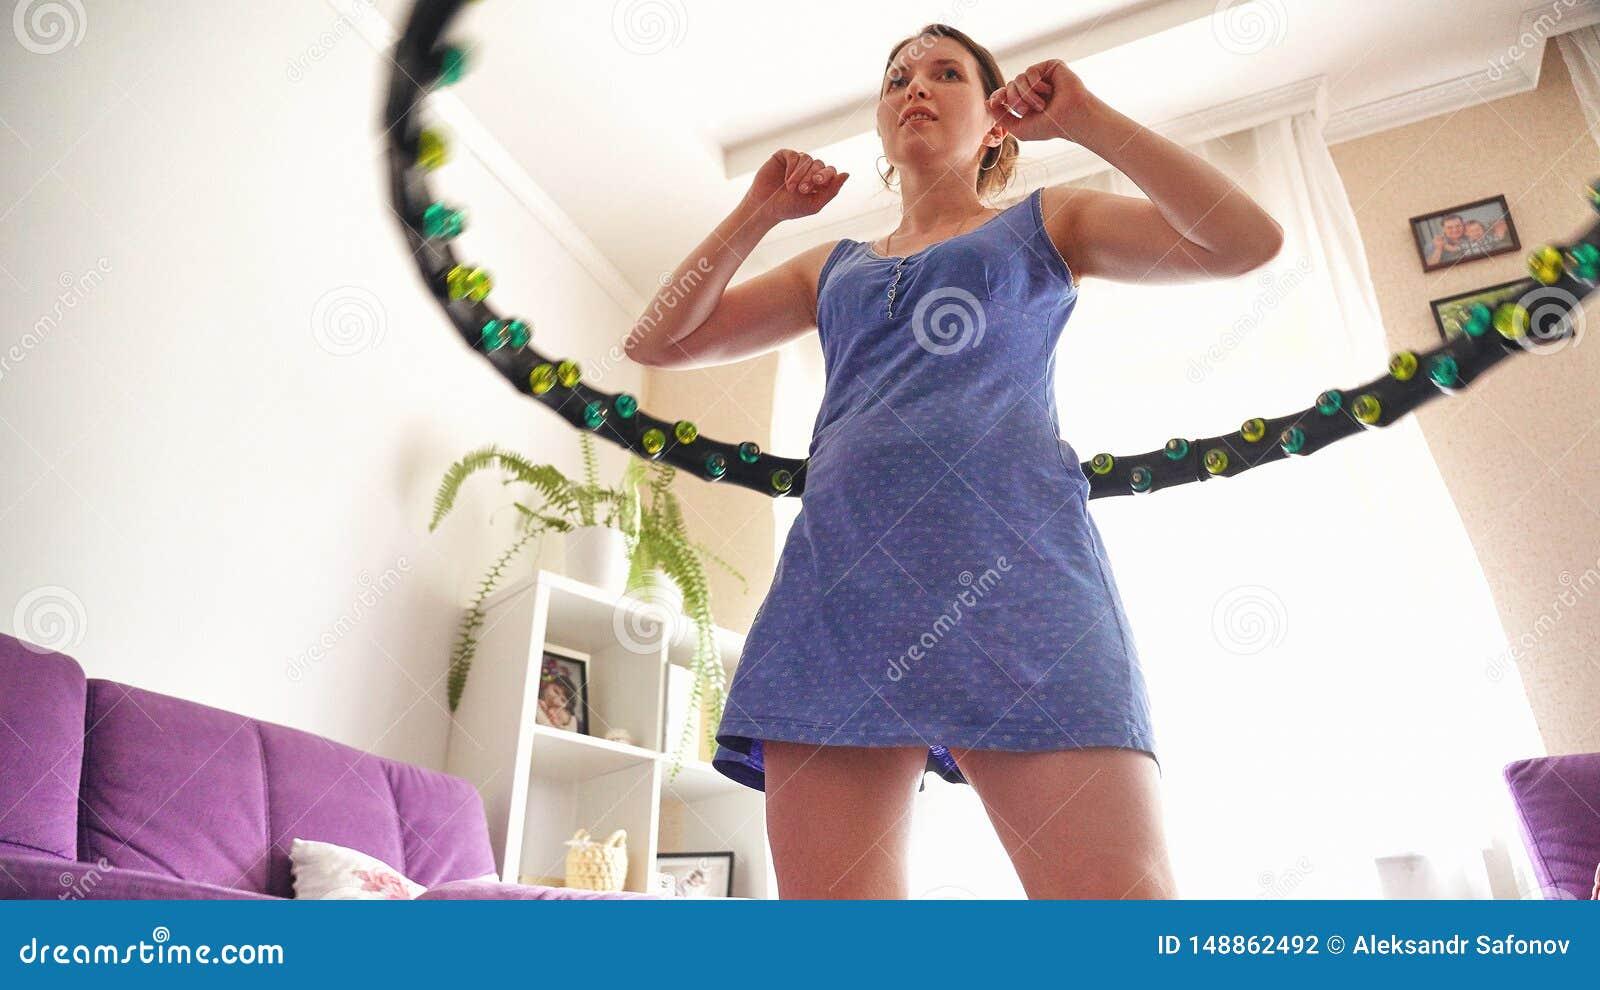 Een vrouw draait thuis een hulahoepel zelf-opleidt met een Hoepel